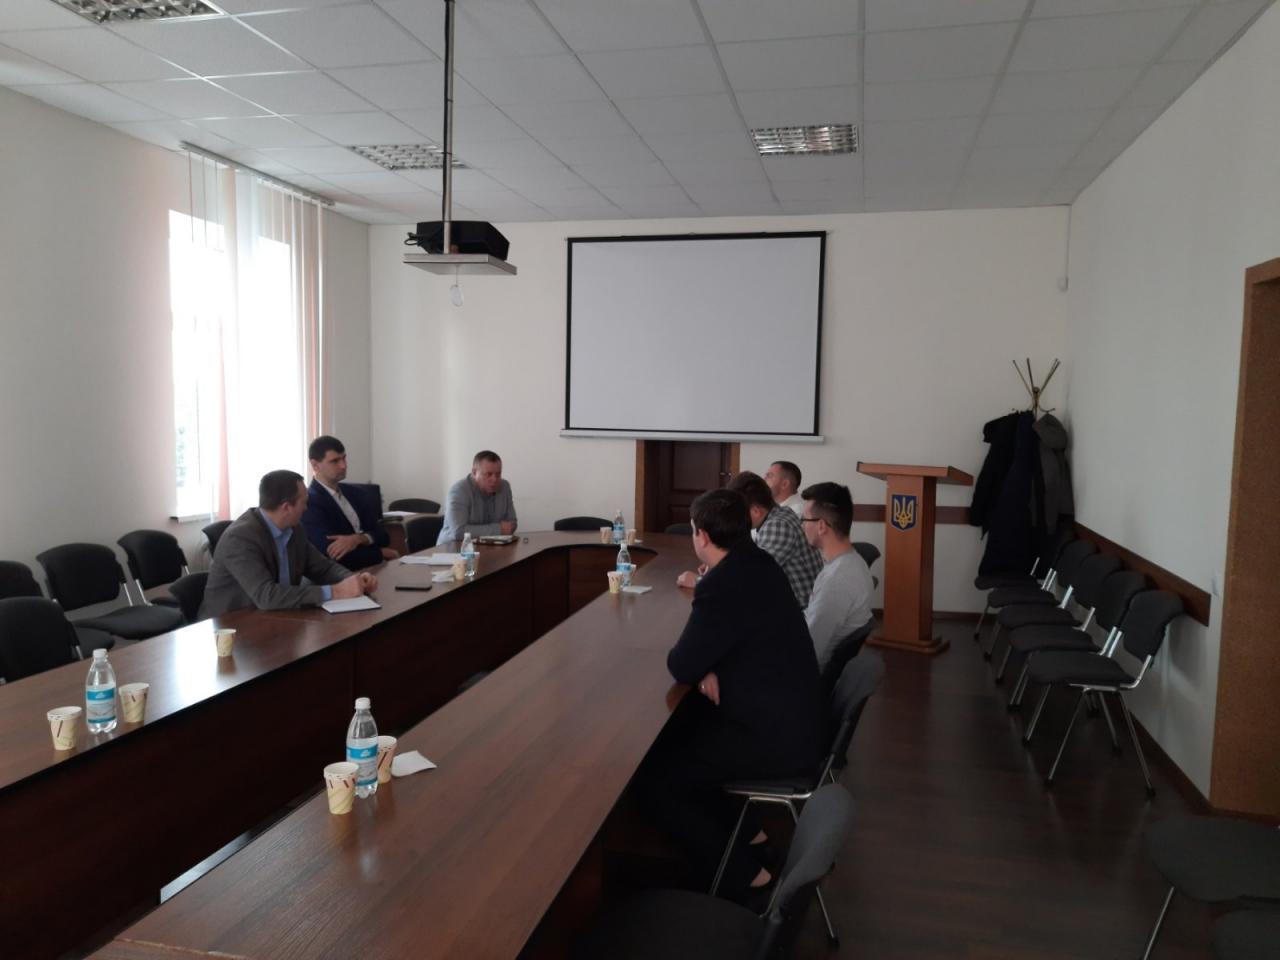 http://dunrada.gov.ua/uploadfile/archive_news/2020/11/25/2020-11-25_8578/images/images-79056.jpg